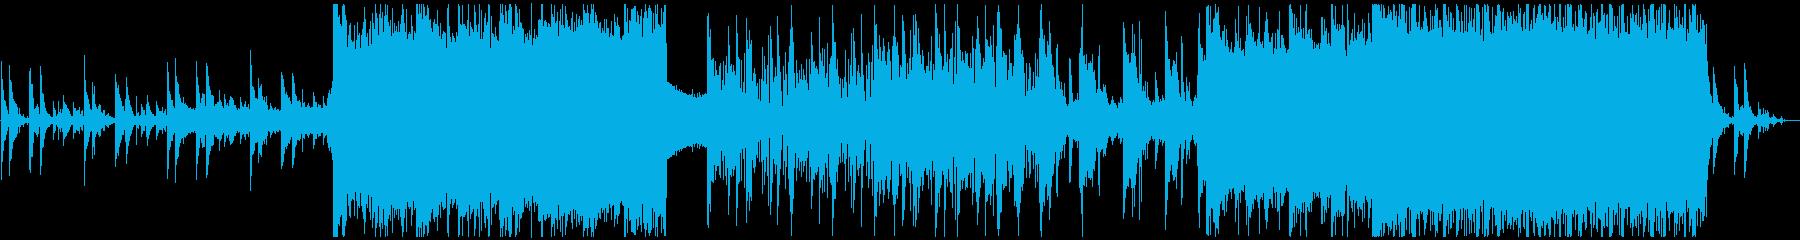 切ない・美しい・ダーク・壮大BGMの再生済みの波形